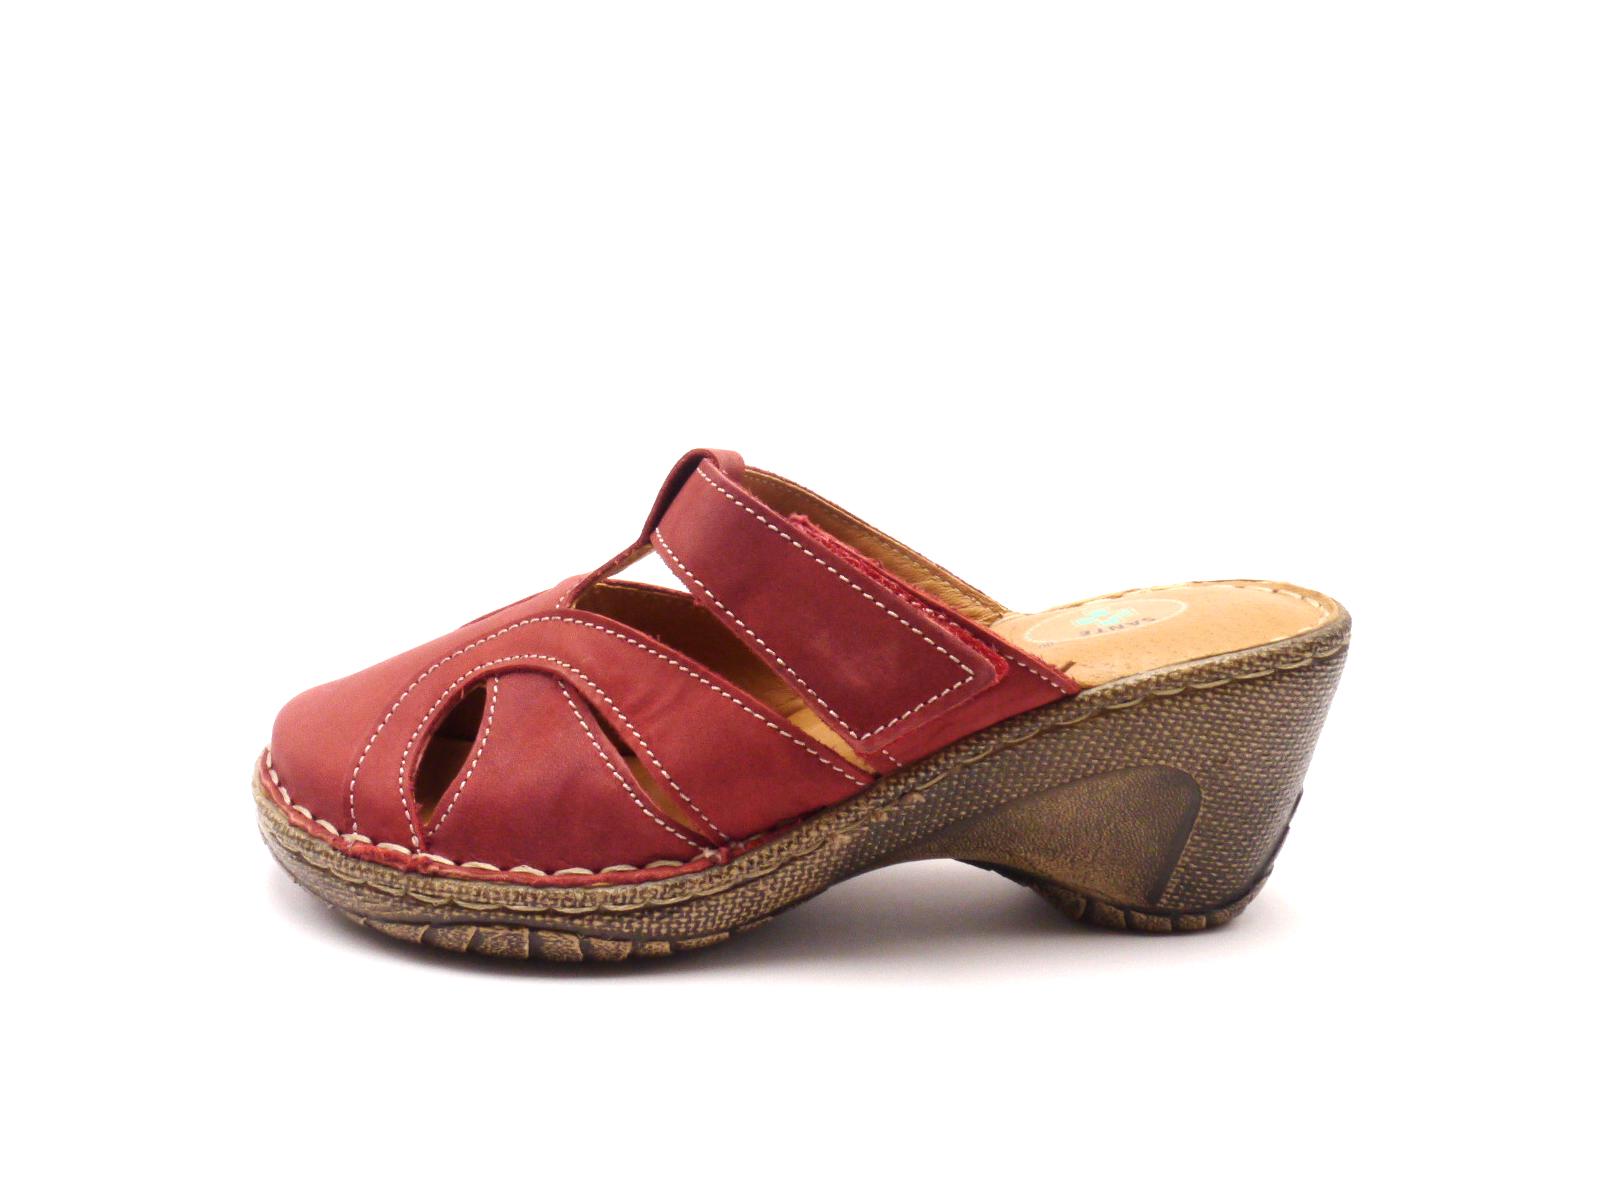 Sante Dámské pantofle s uzavřenou špičkou 309/8 Velikost: 36